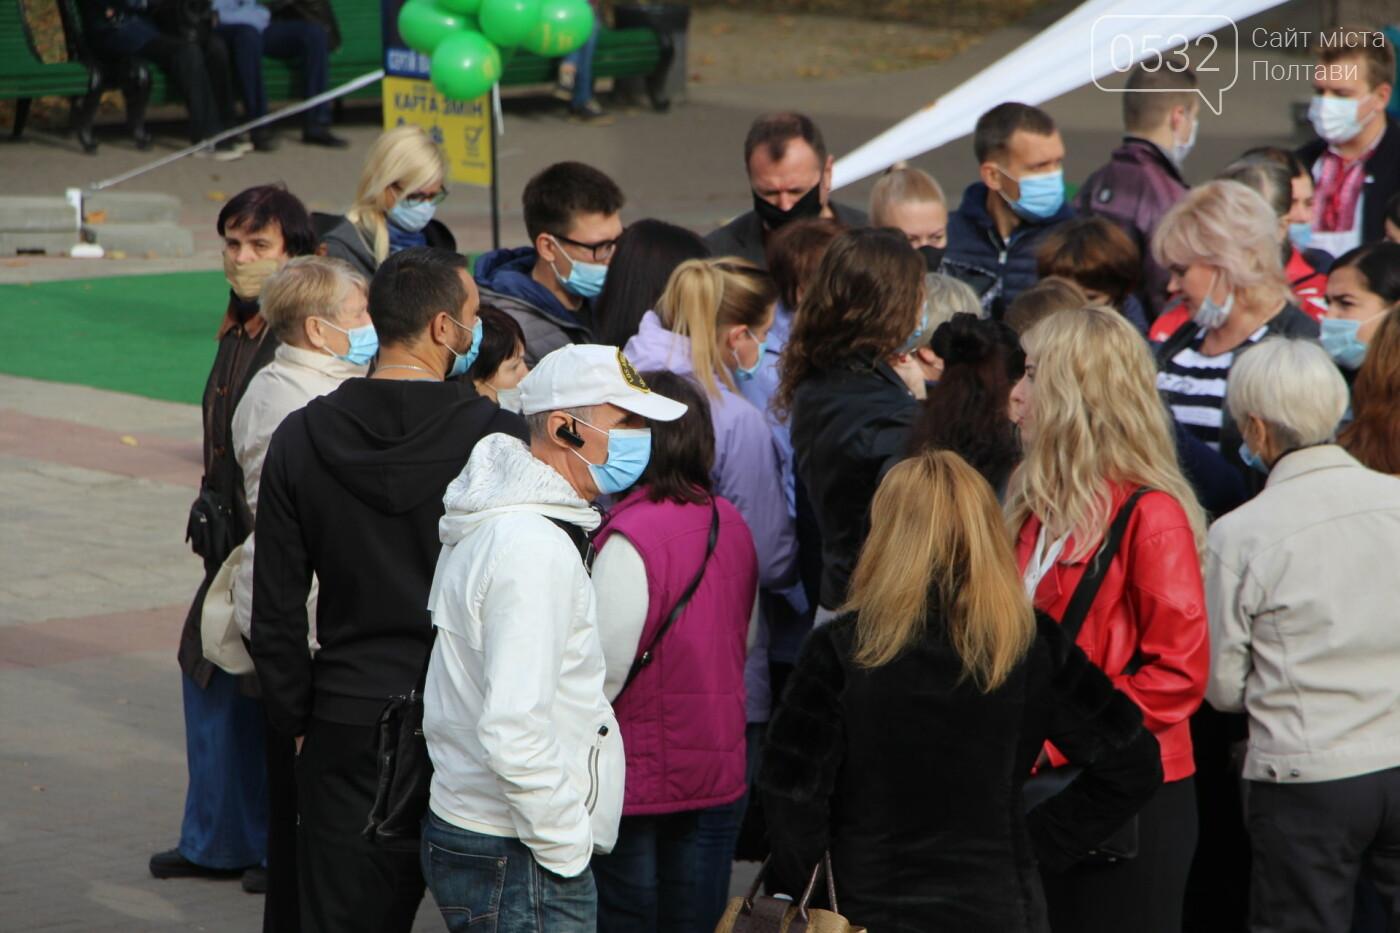 """Полтава вийшла проти """"червоної"""" зони: скільки людей і чого вимагають (ФОТОРЕПОРТАЖ), фото-2"""